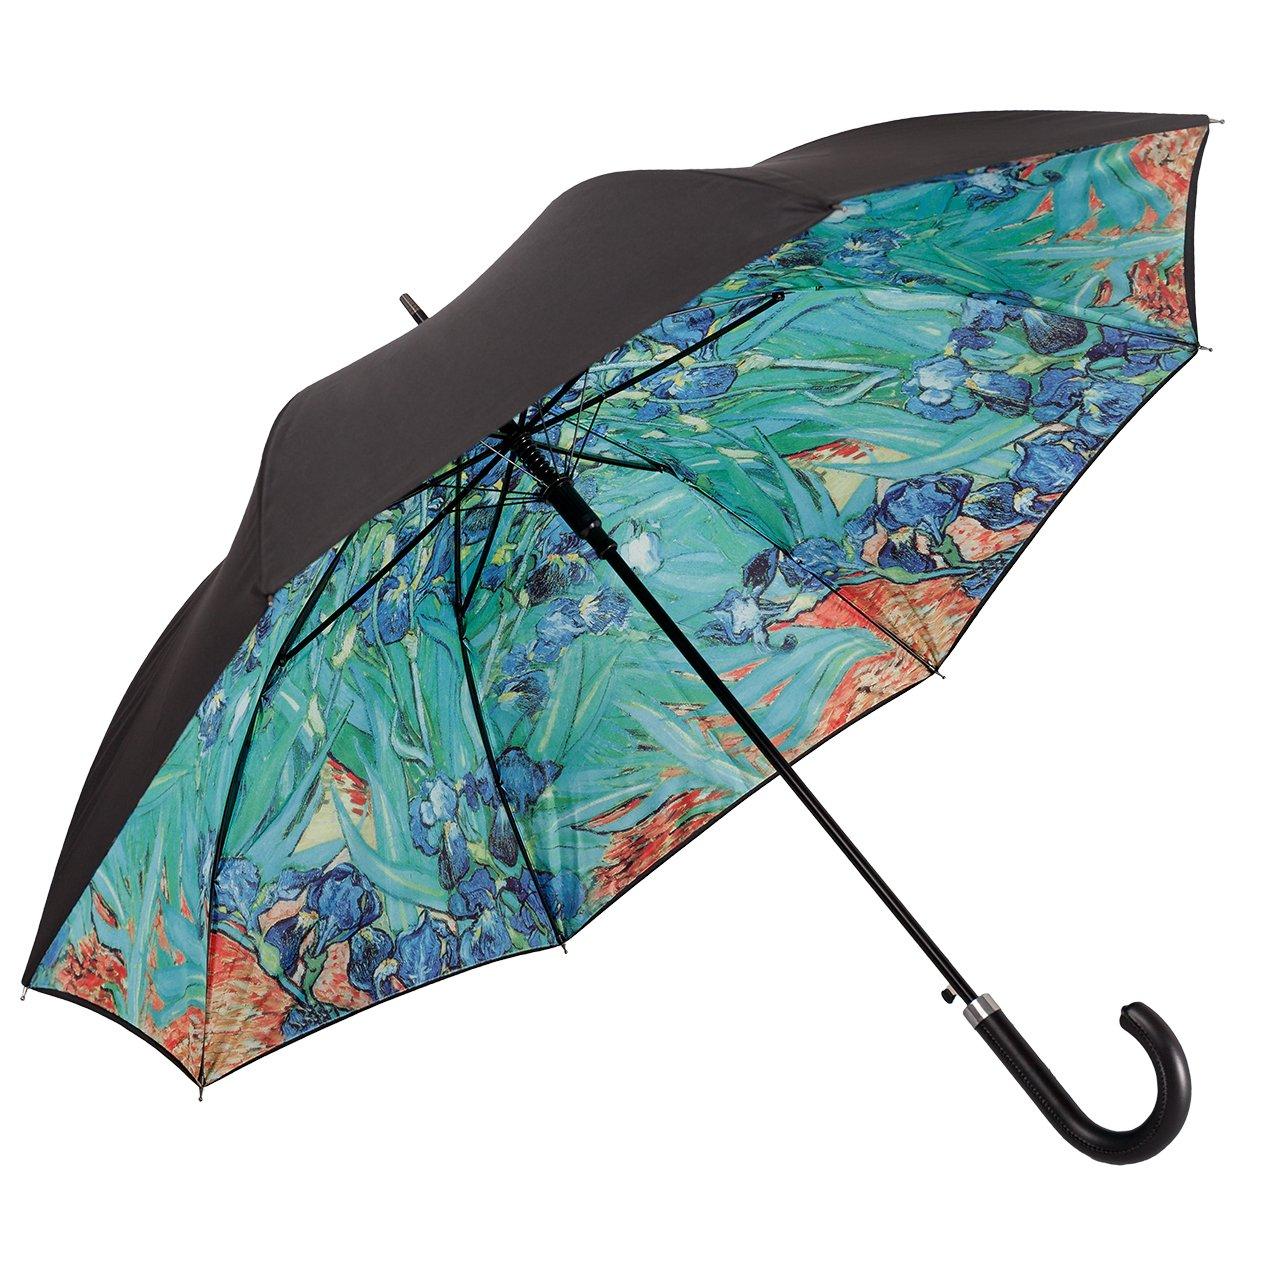 Von LILIENFELD Paraguas Automática Mujer Motivo Arte Vincent Van Gogh: Lirio Doble Revestimiento